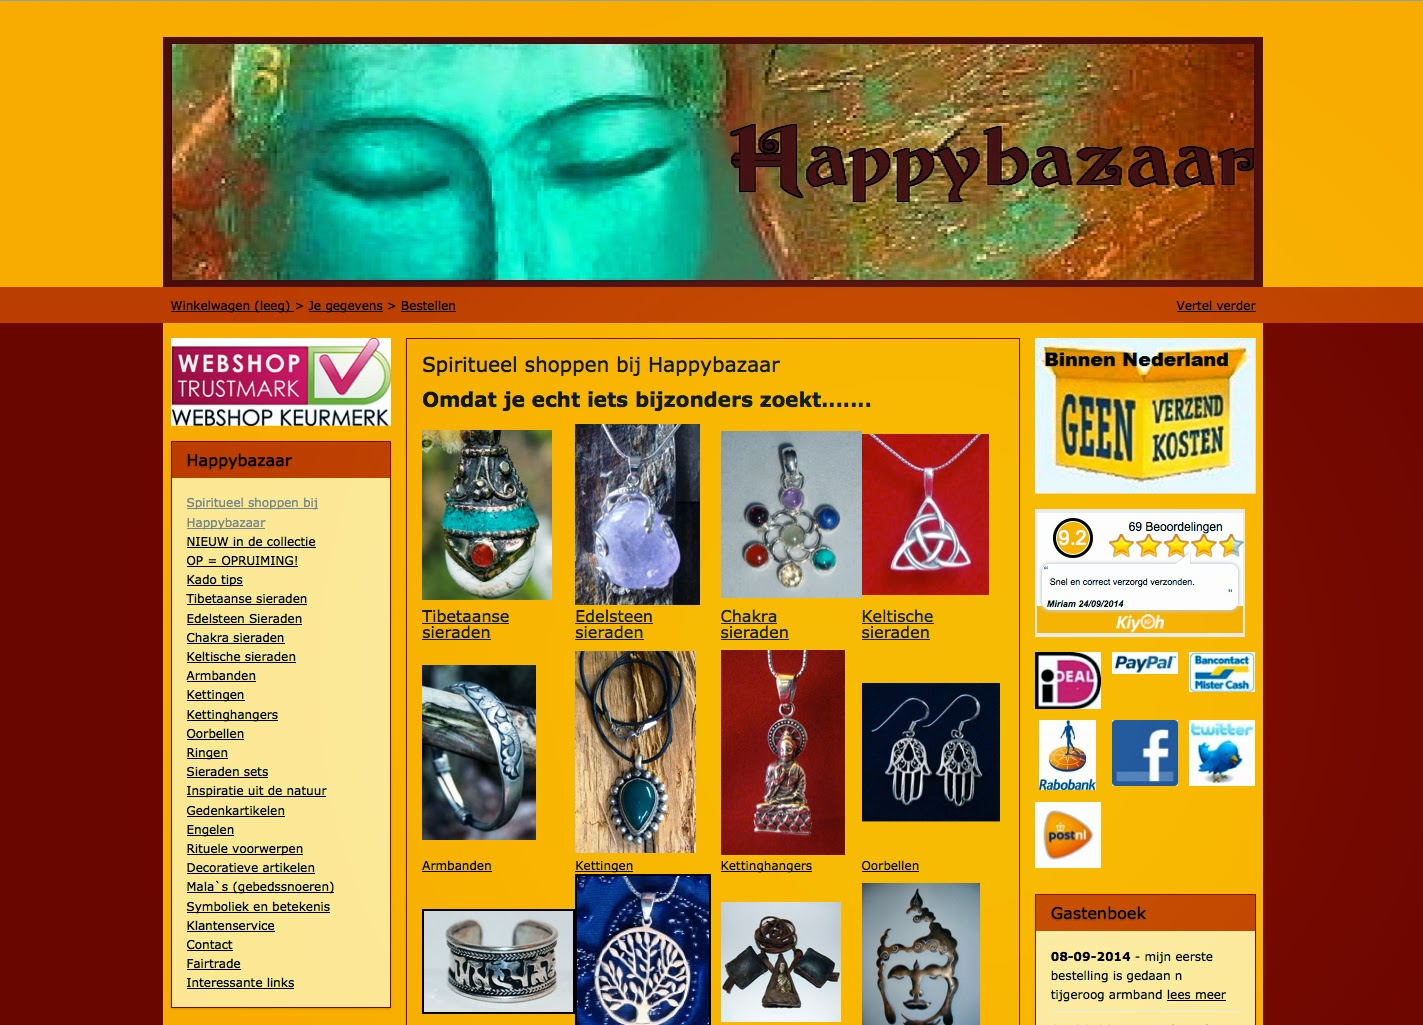 oude versie van Webshop Happybazaar